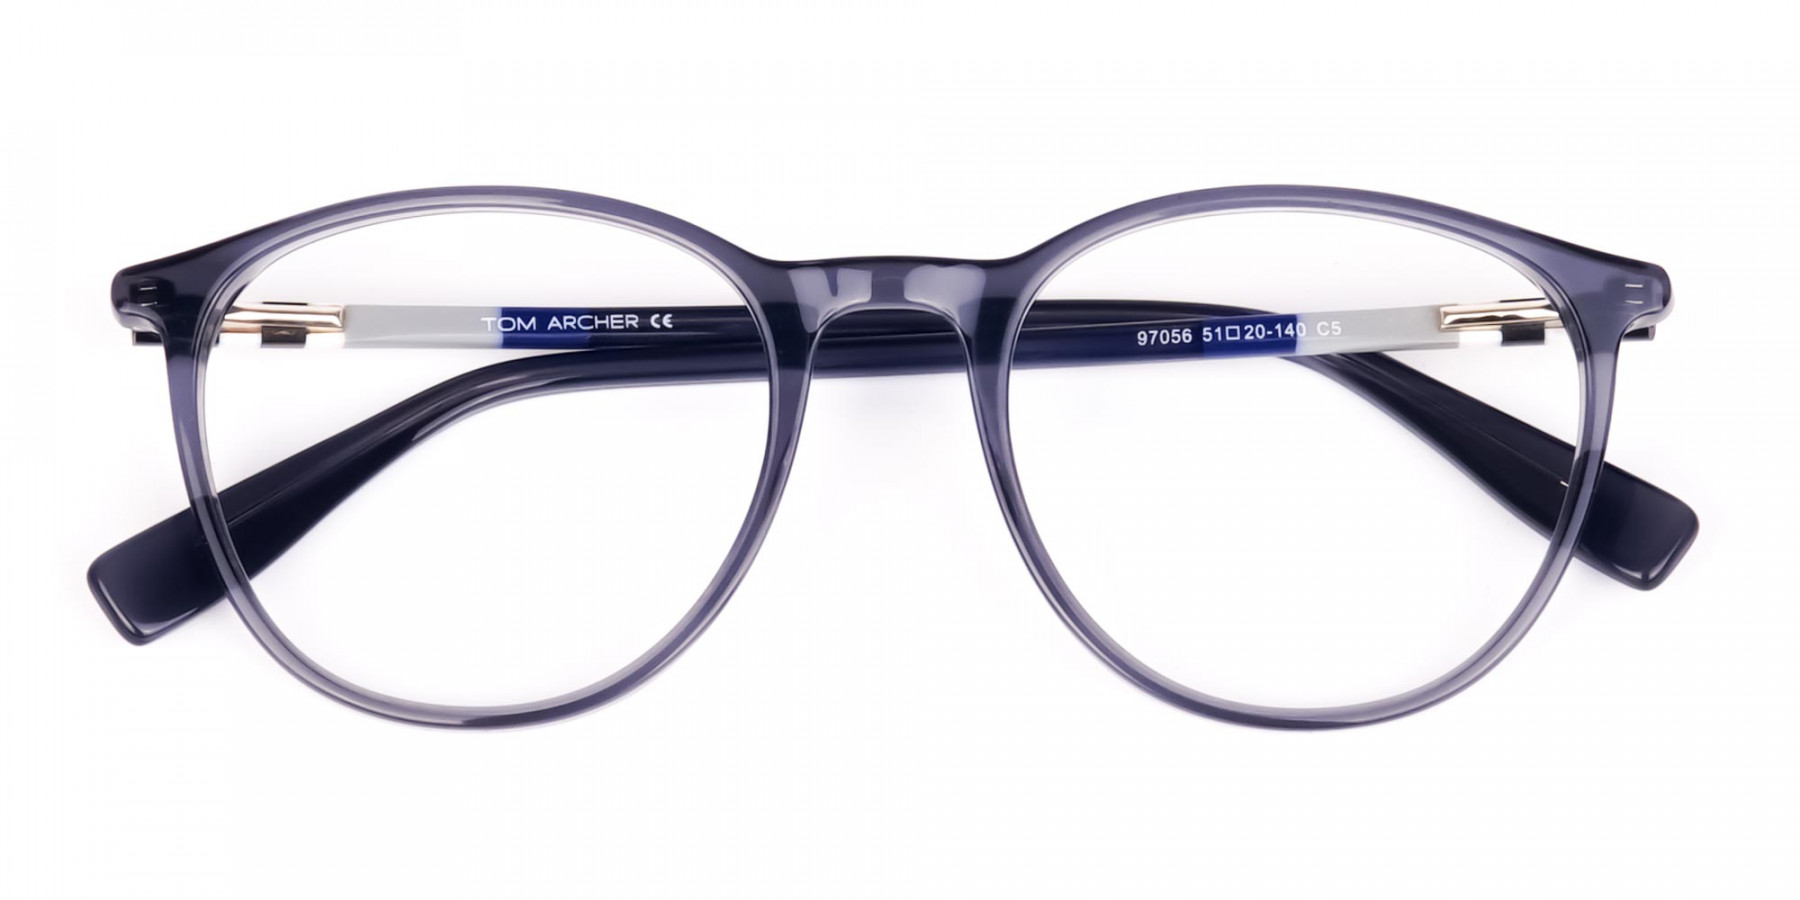 Dusty-Grey-Round-Full-Rim-Glasses-1